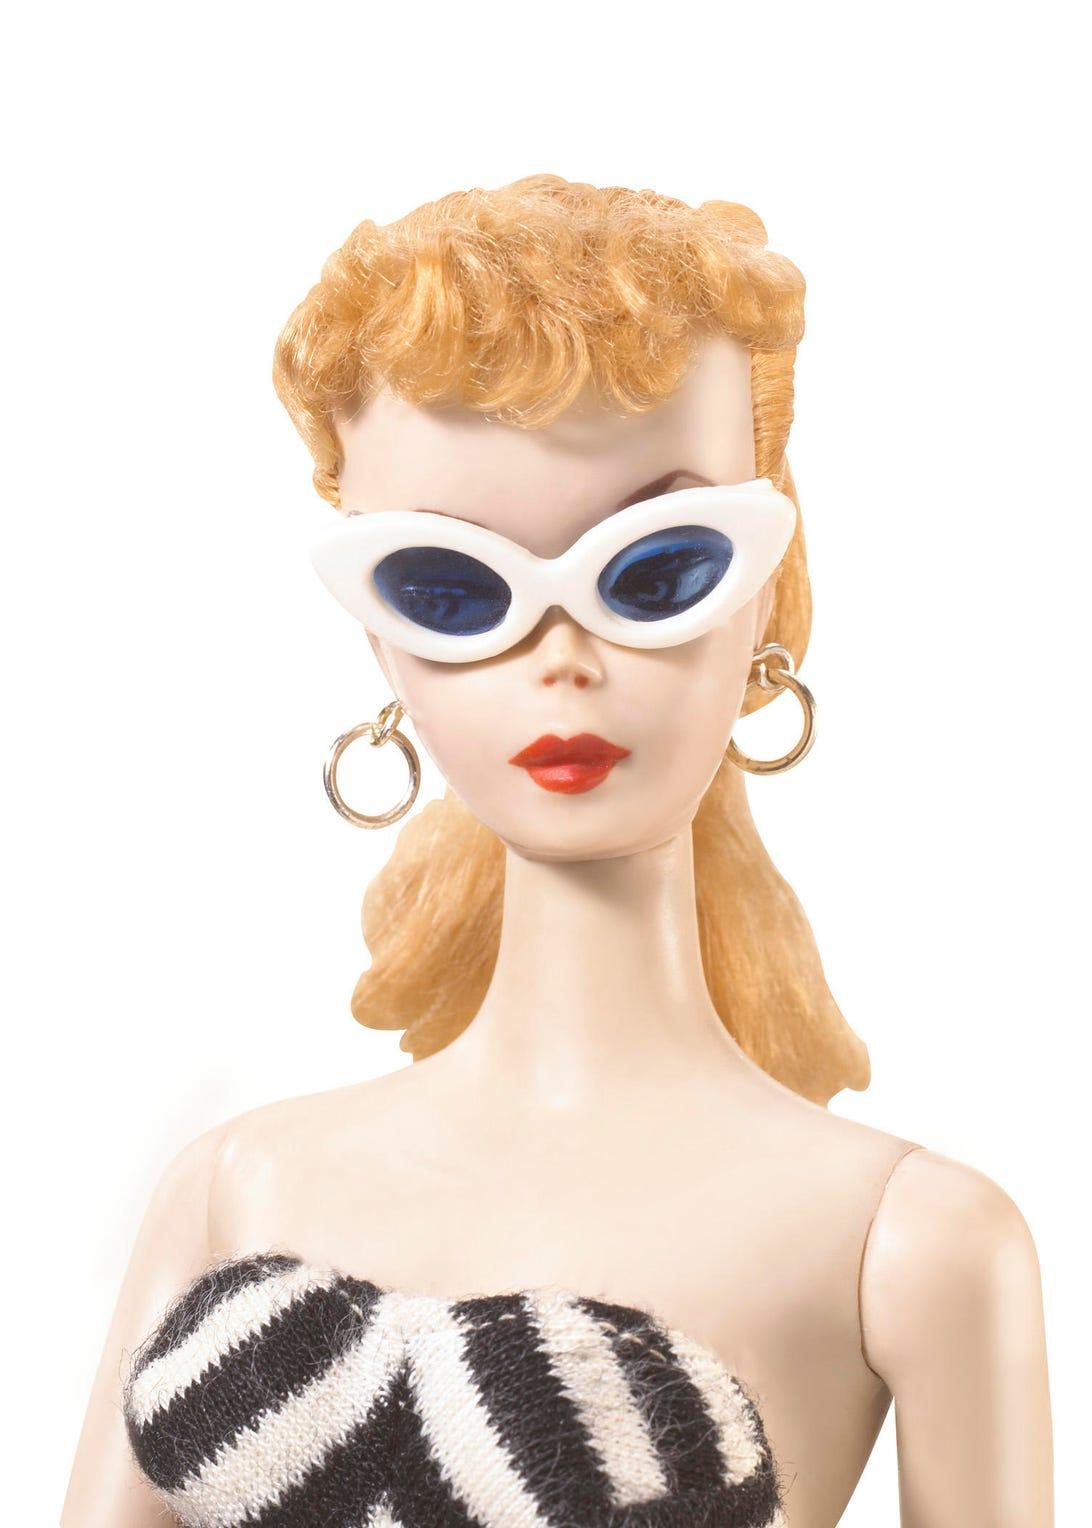 1959-headshot-w-glasses